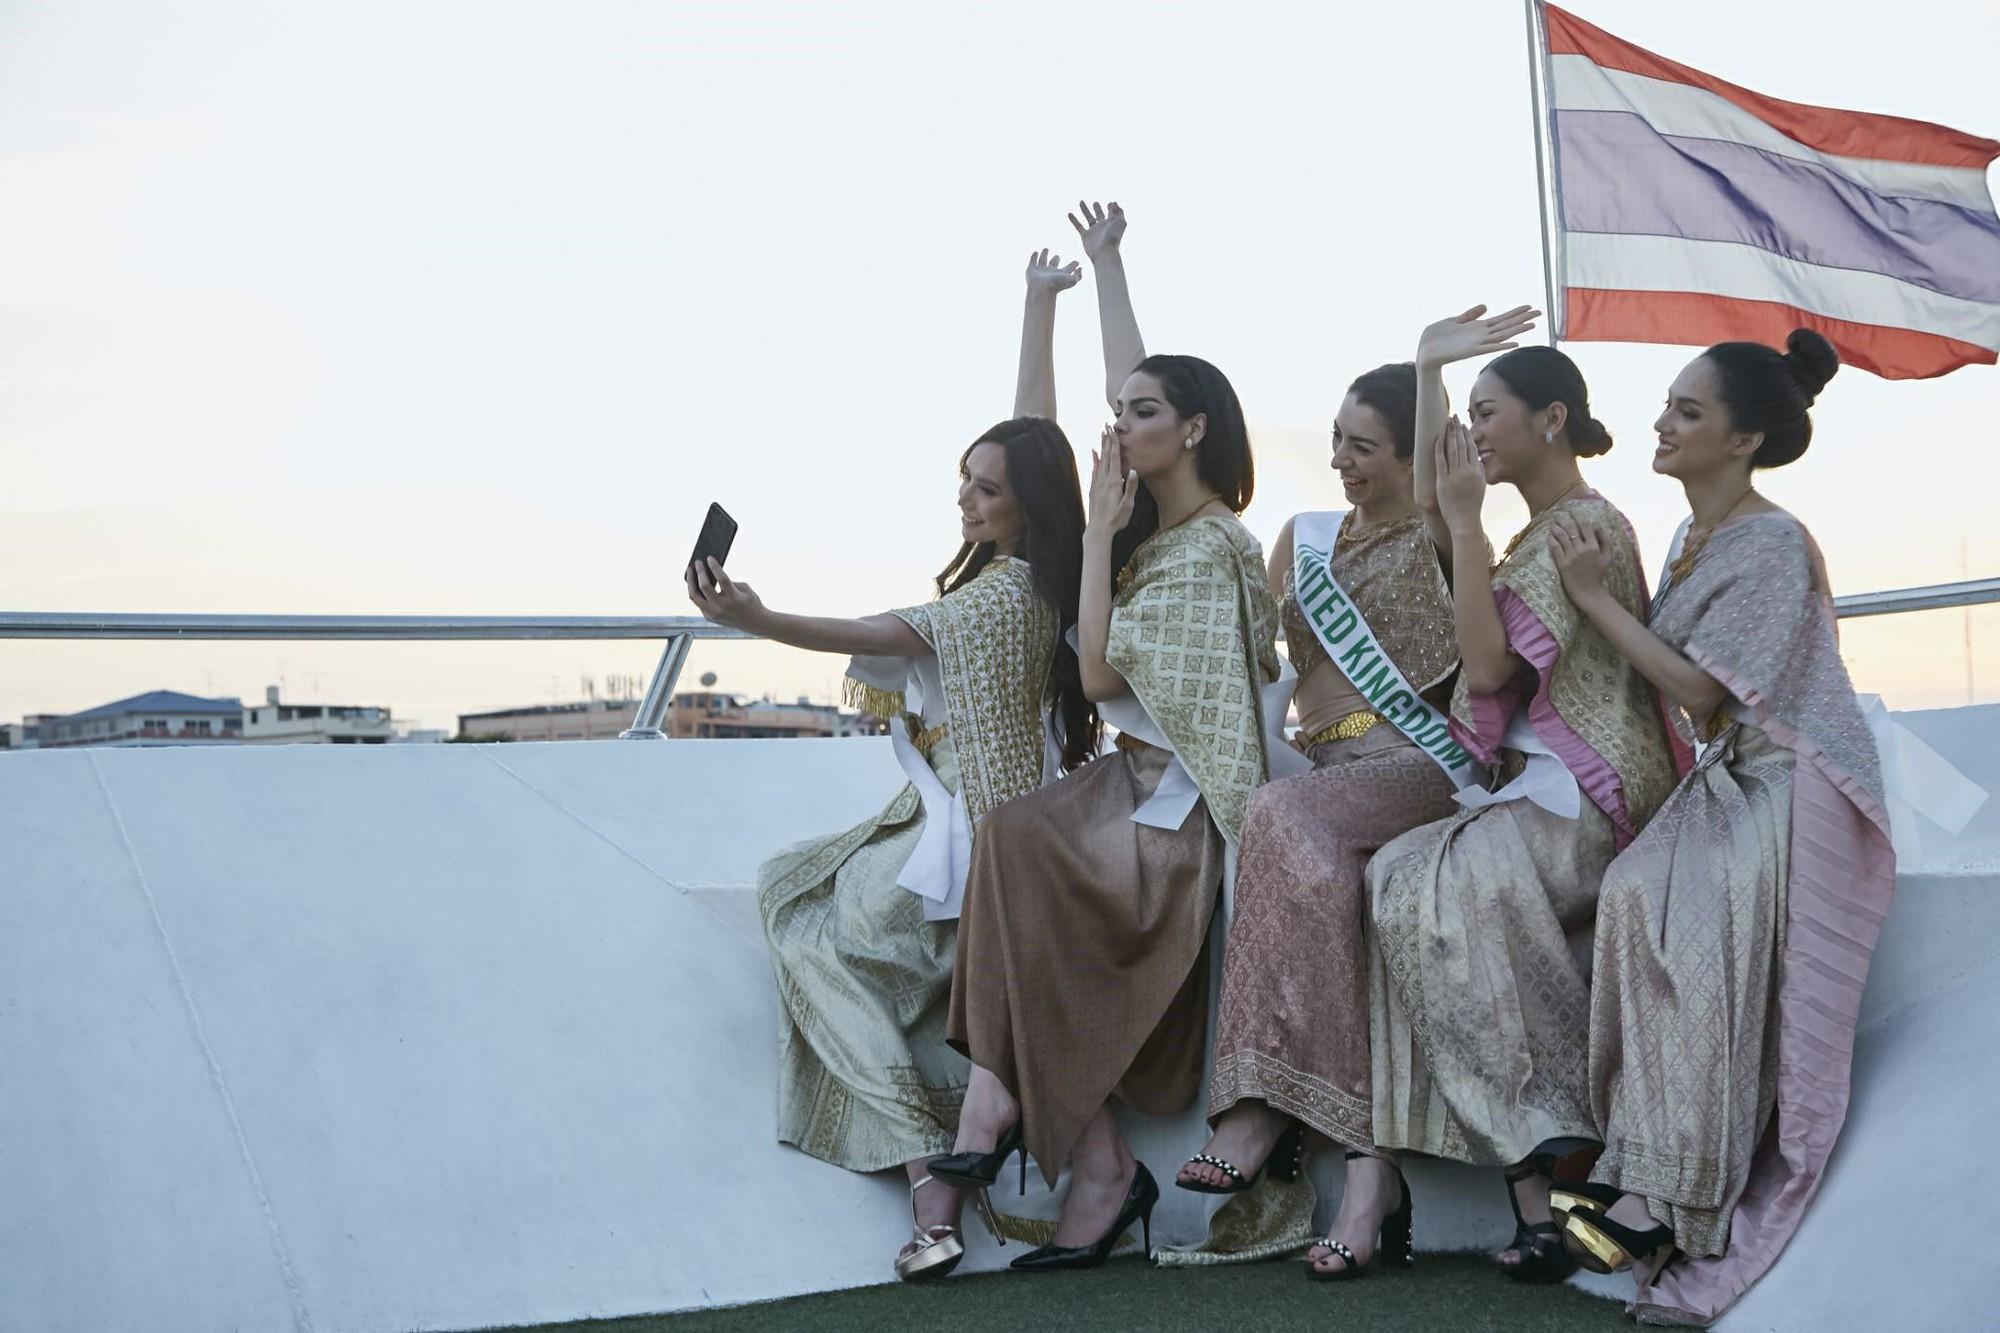 Hương Giang đằm thắm trong trang phục dân tộc Thái Lan, giao lưu văn nghệ cực sung cùng dàn thí sinh HH Chuyển giới Quốc tế - Ảnh 3.